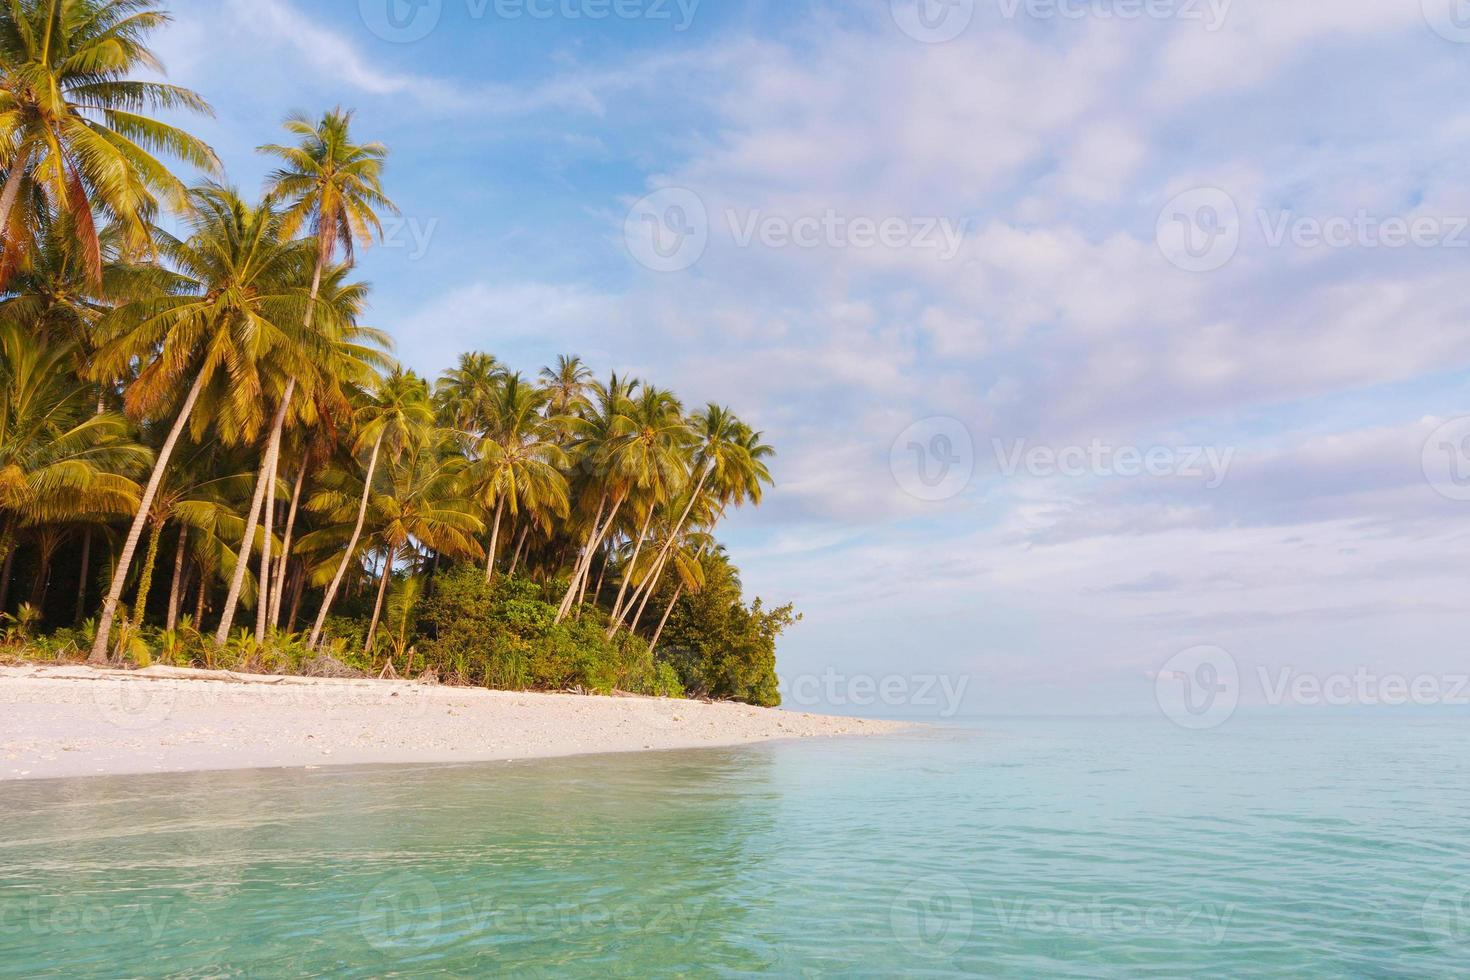 ilha desabitada no parque nacional shendravasih foto